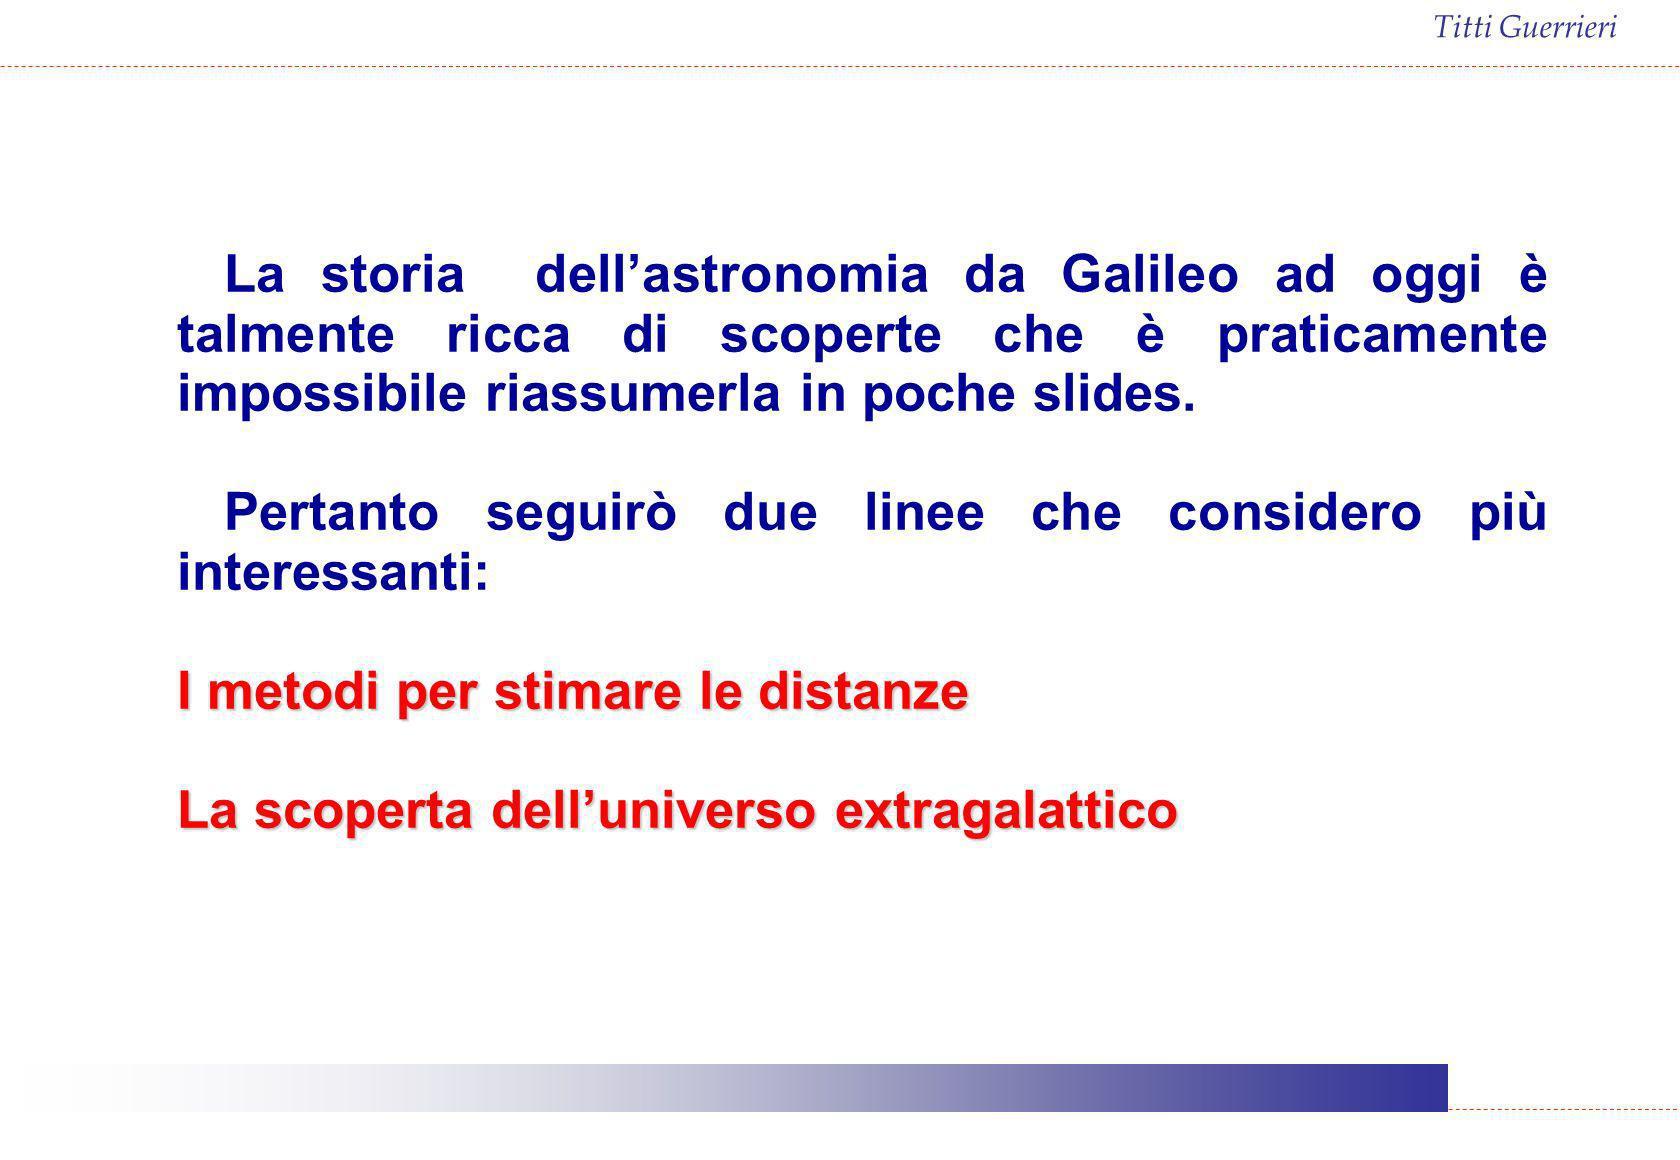 La storia dell'astronomia da Galileo ad oggi è talmente ricca di scoperte che è praticamente impossibile riassumerla in poche slides.